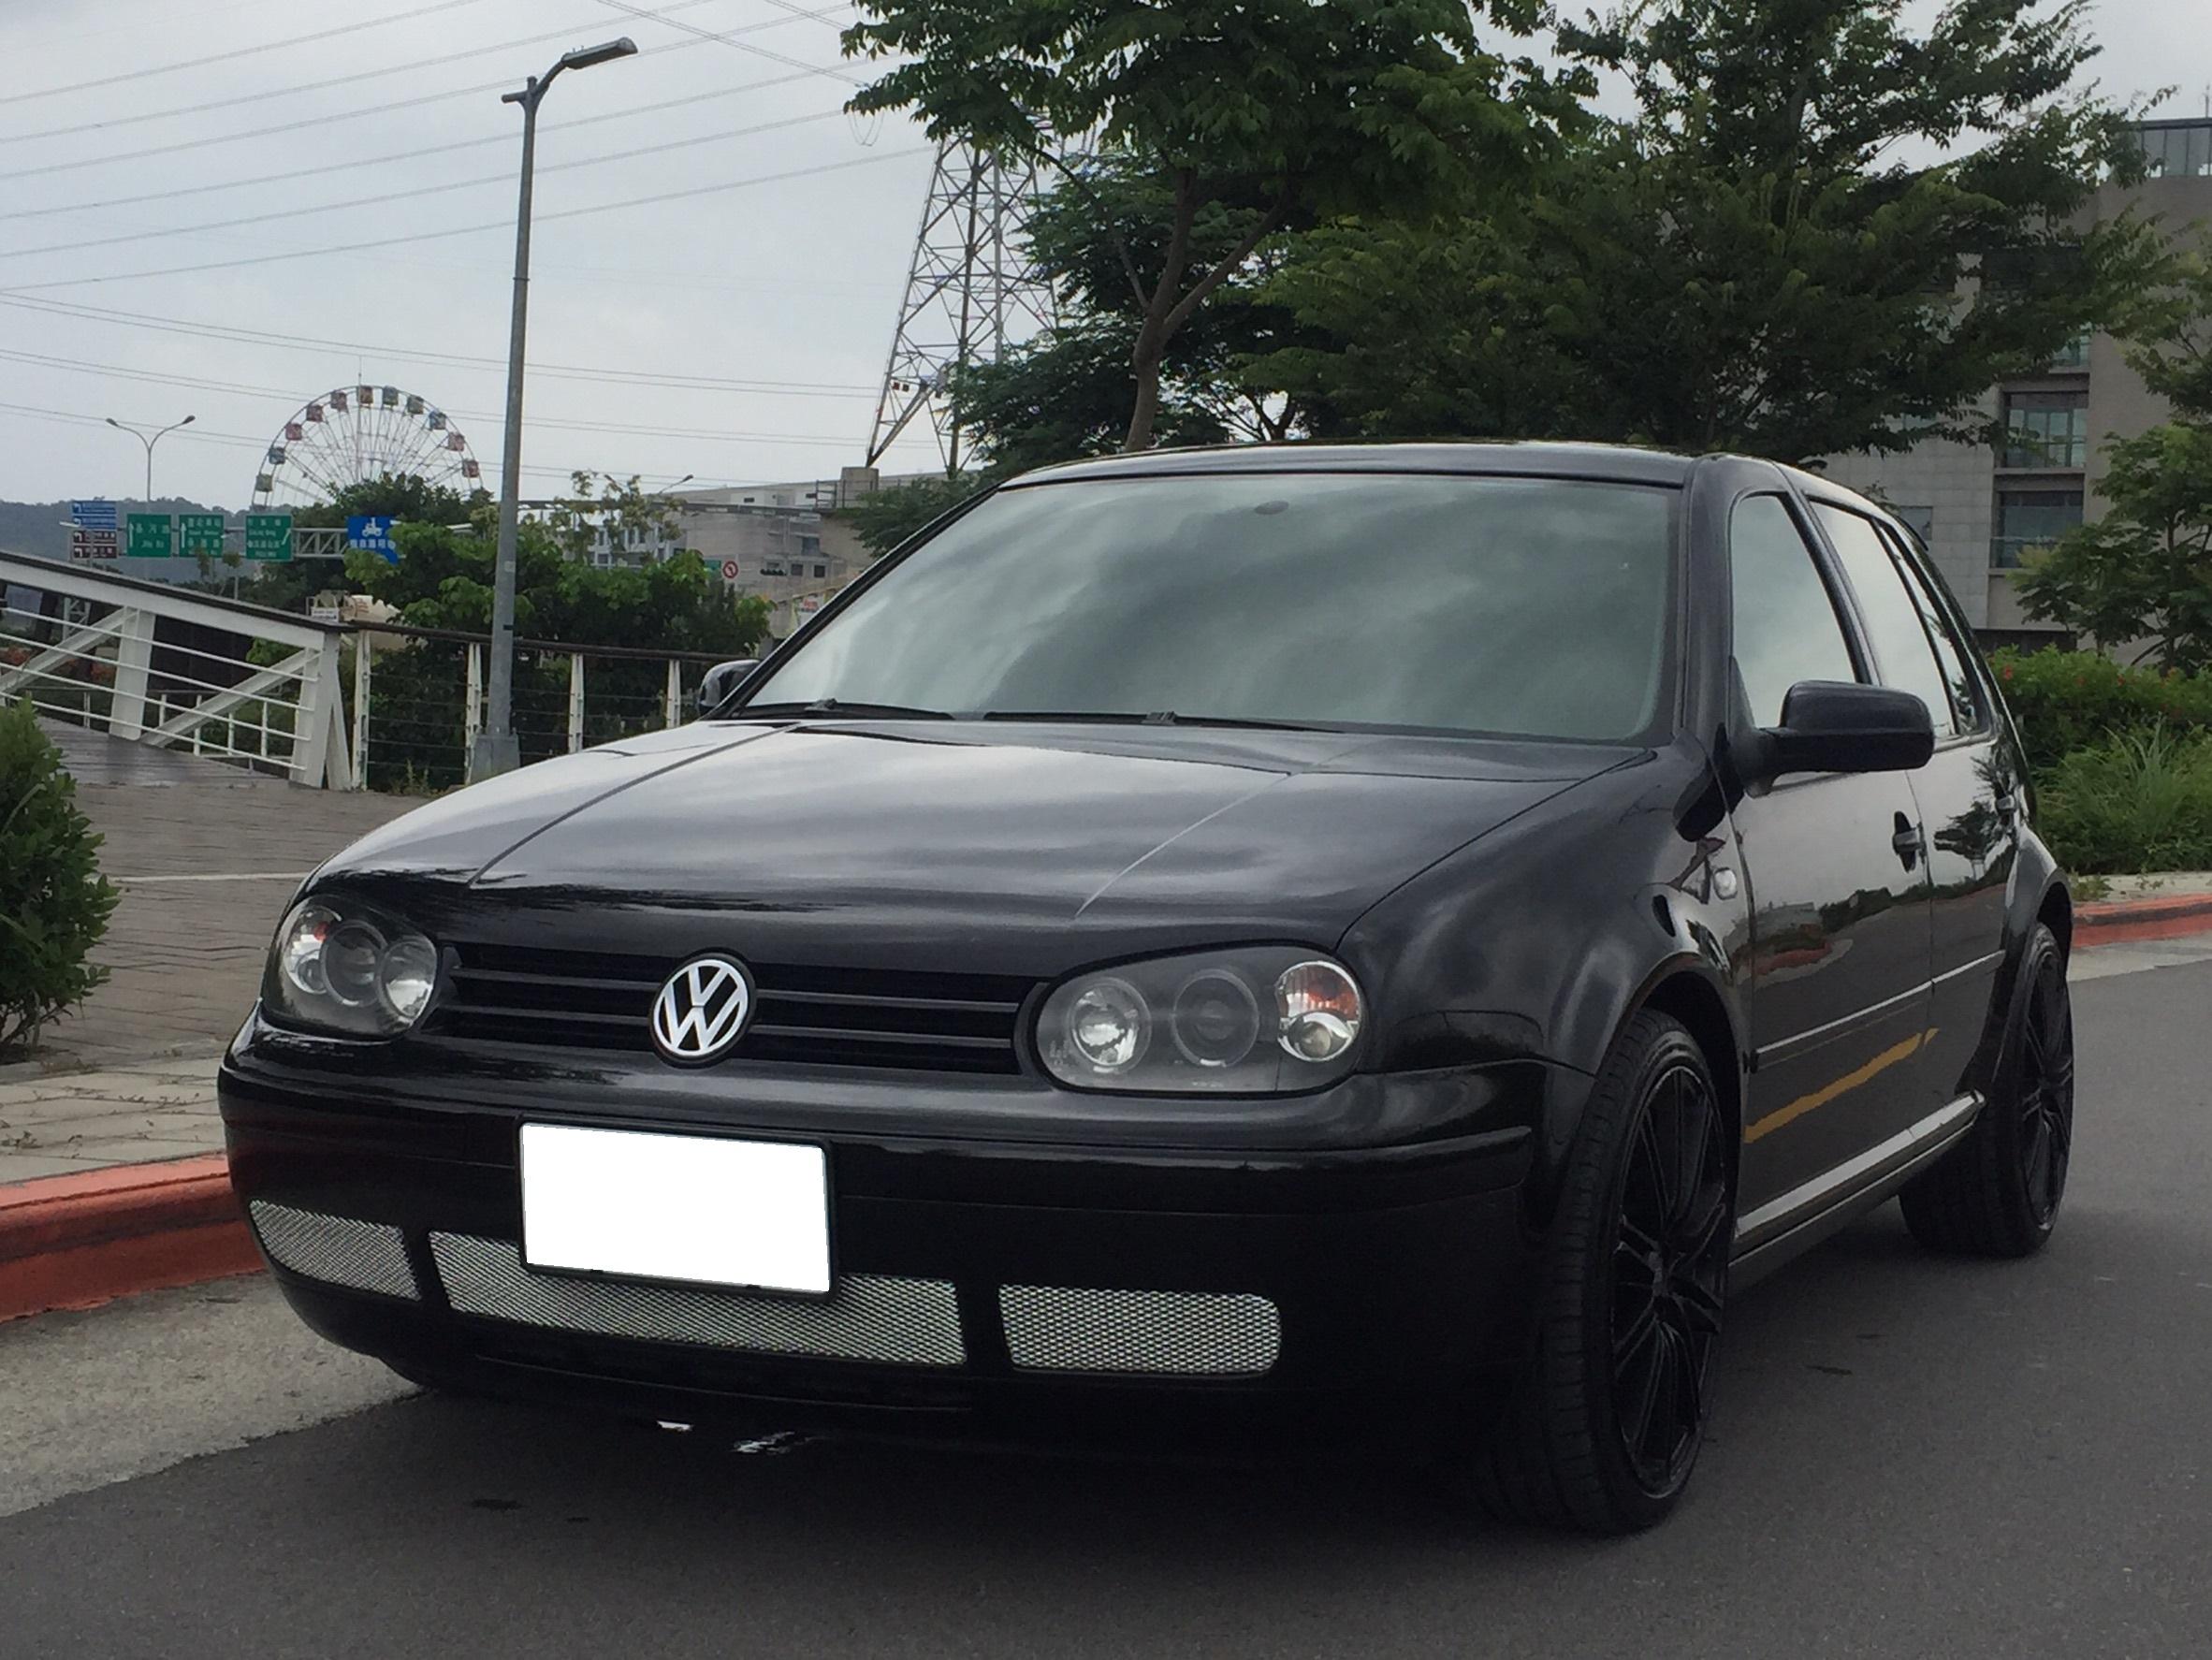 2001 Volkswagen 福斯 Golf